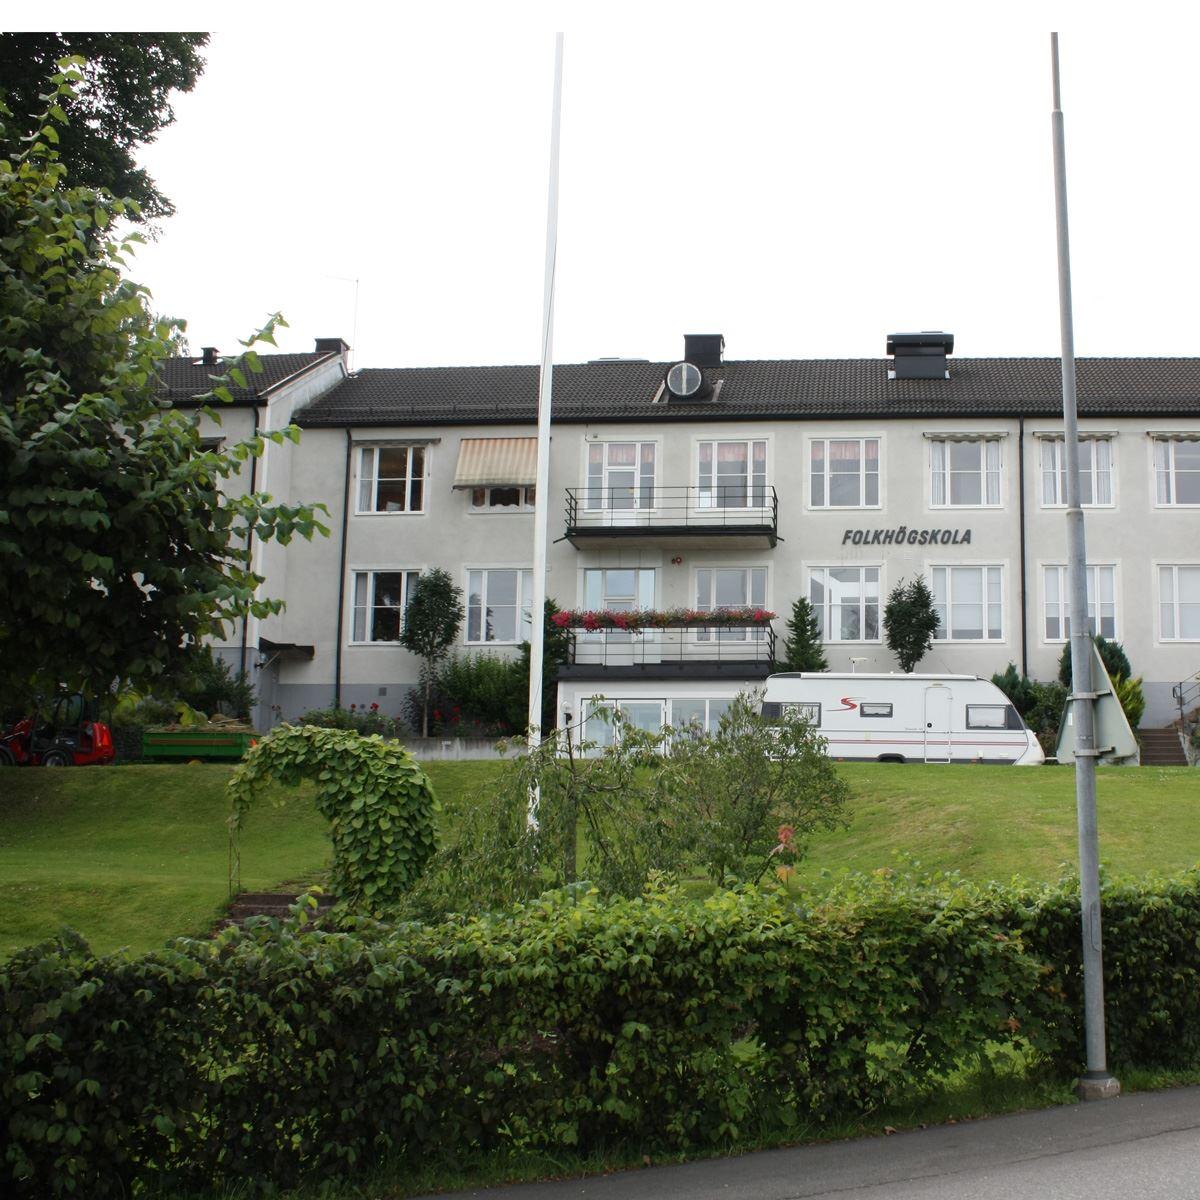 Värnamo Näringsliv AB,  © Värnamo Näringsliv AB , Jugendherberge Folkhögskolan Värnamo